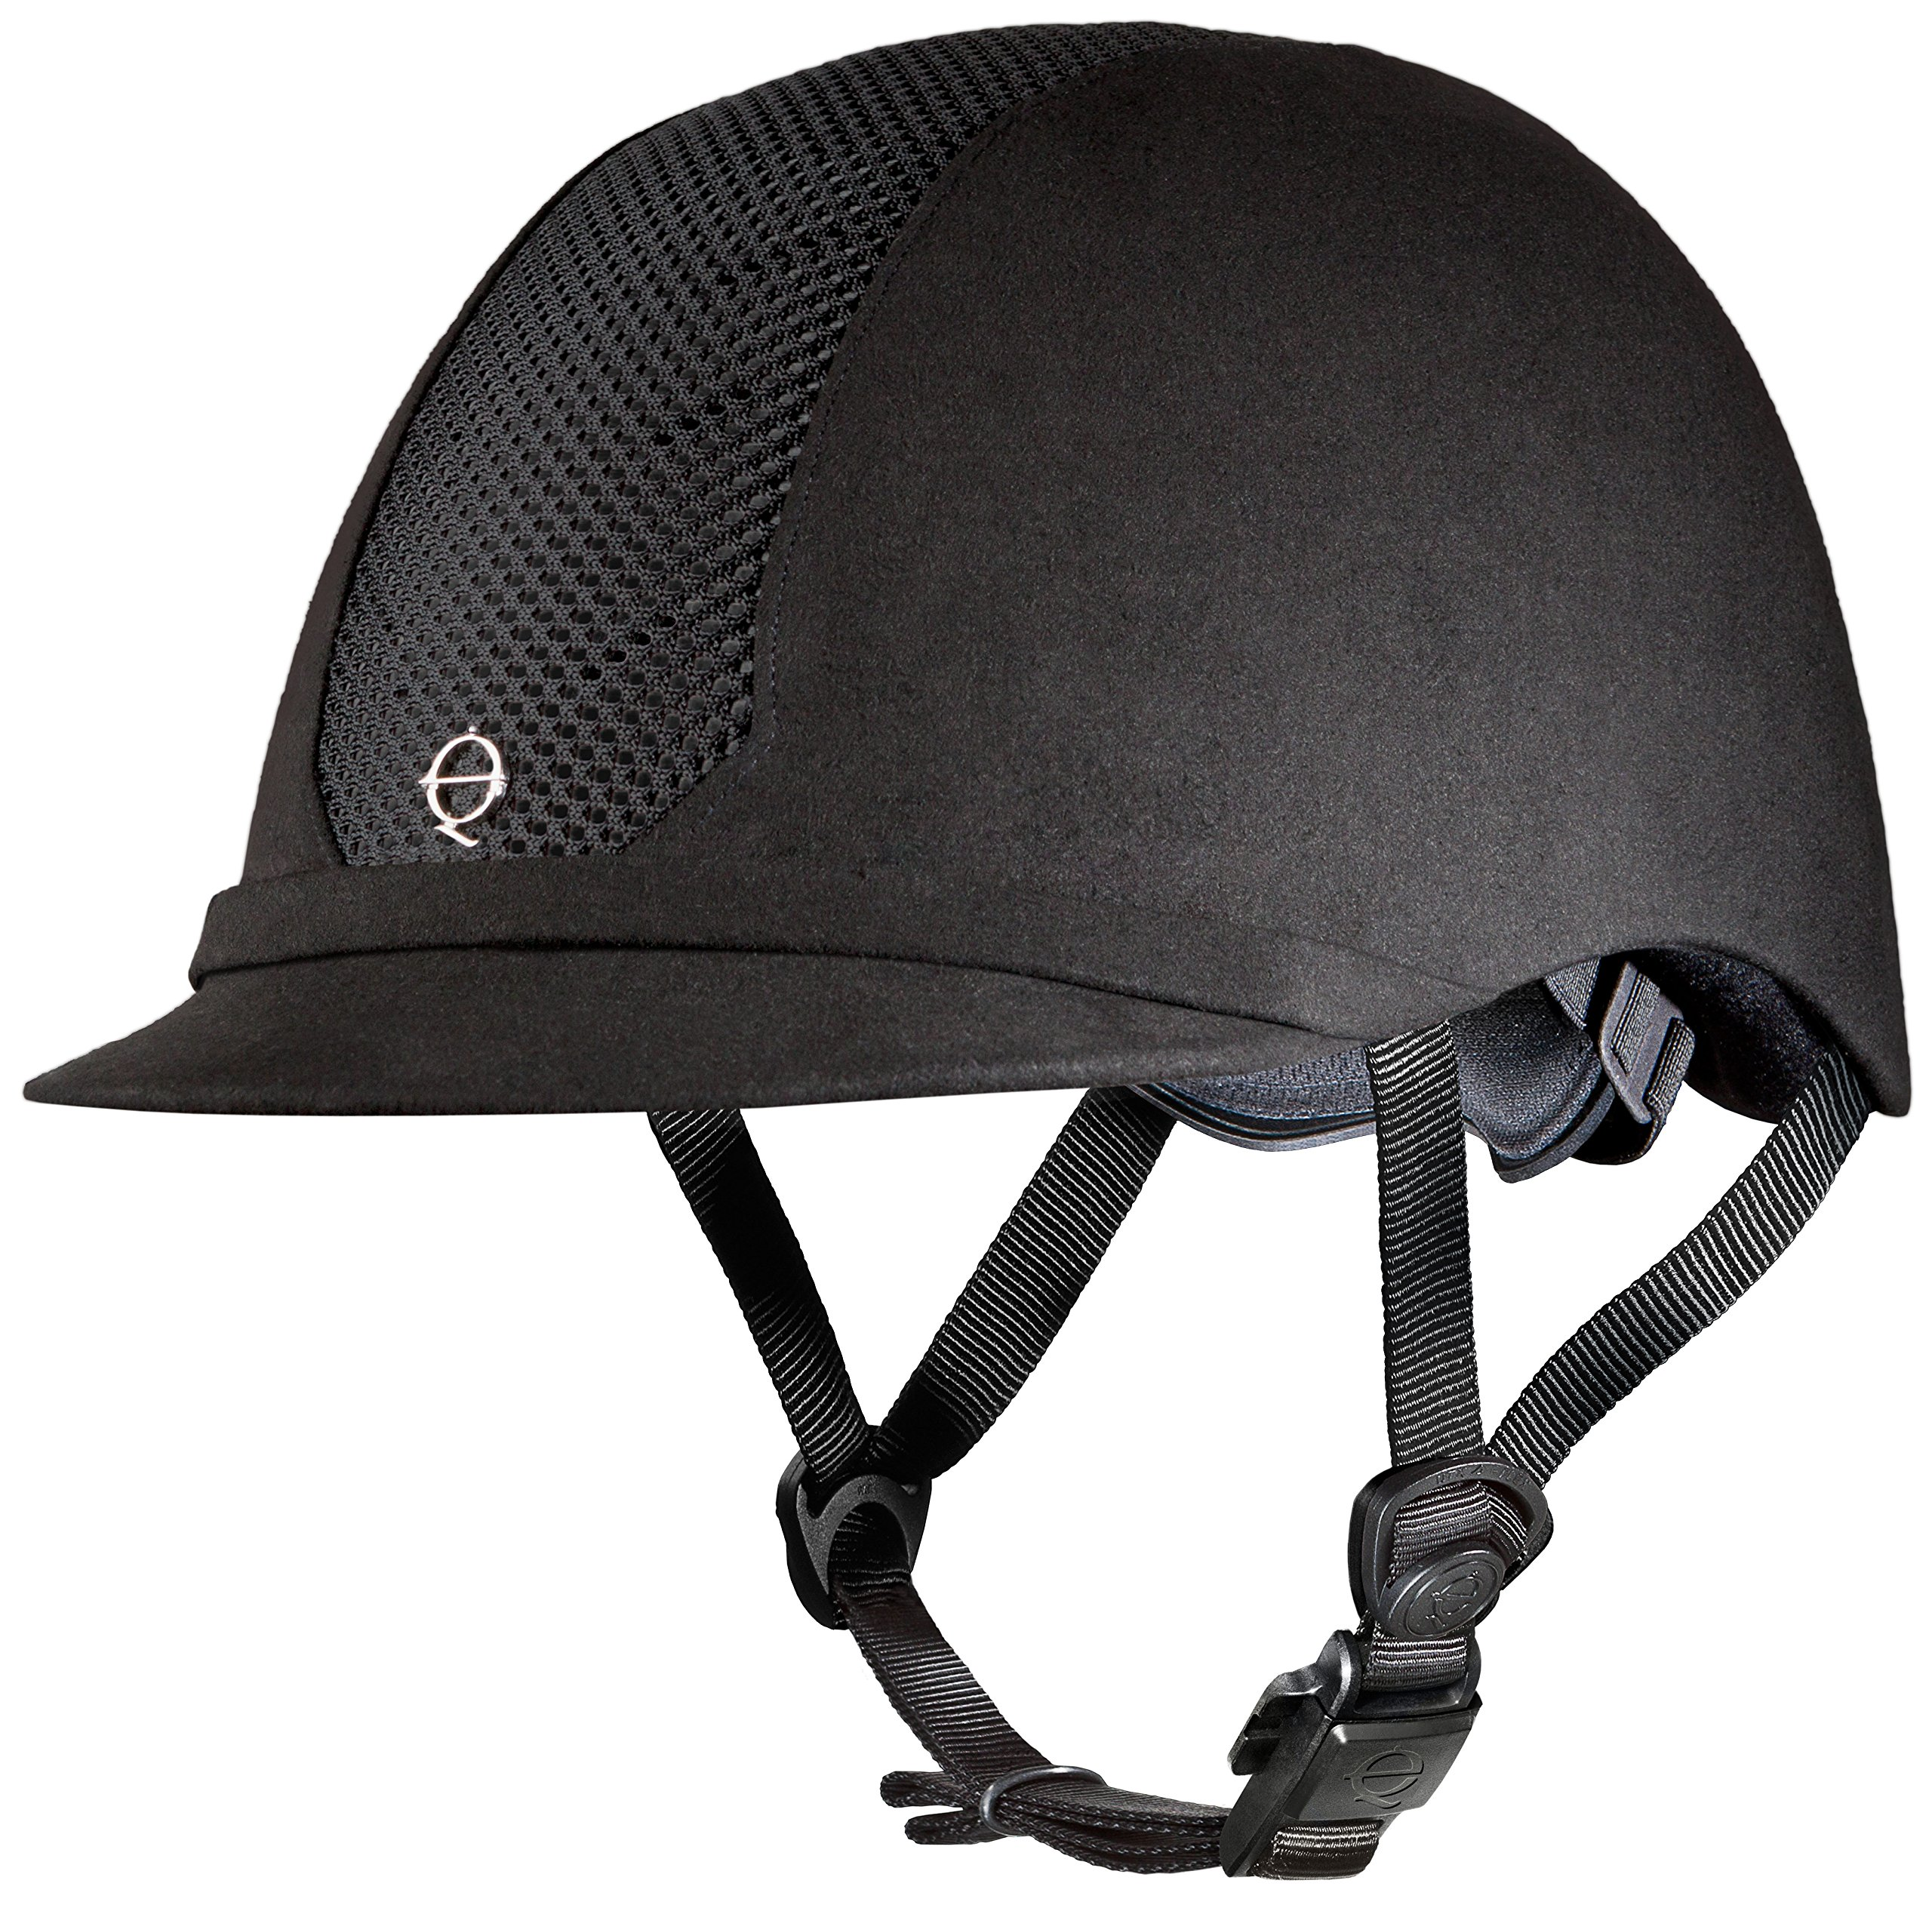 Troxel ES Helmet, Black, Small